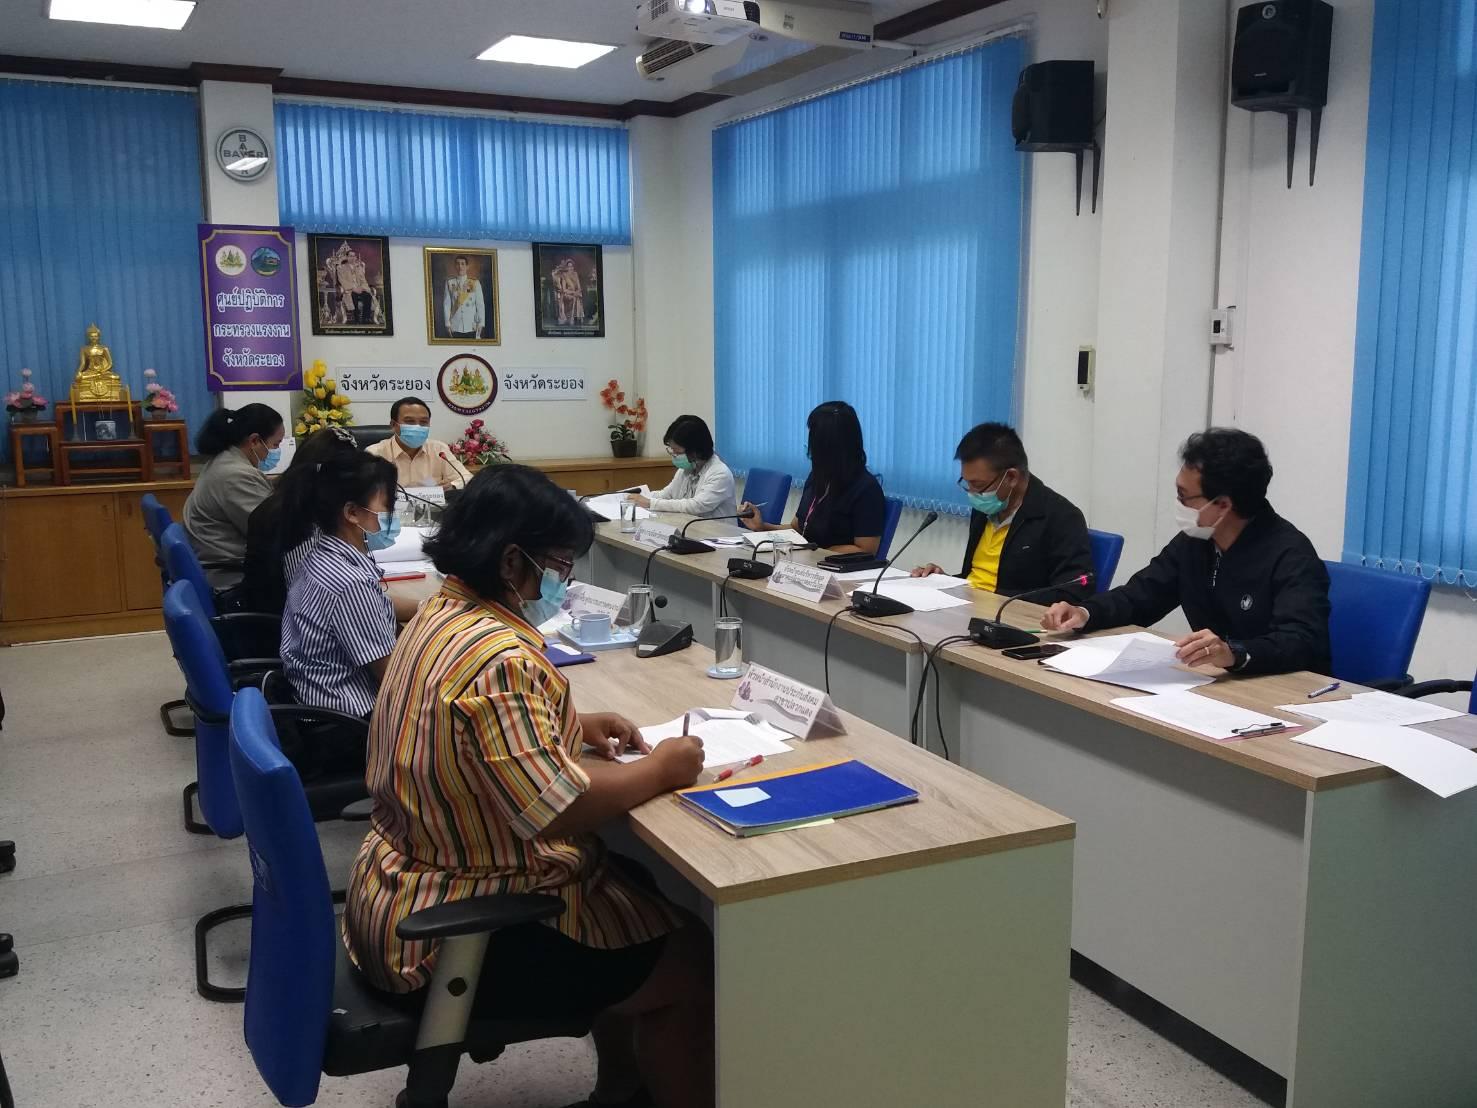 สำนักงานแรงงานจังหวัดระยอง จัดประชุมเพื่อหารือแนวทางการจัดทำแผนปฏิบัติการด้านแรงงาน จังหวัดระยอง (พ.ศ.2563-2565) ฉบับทบทวน